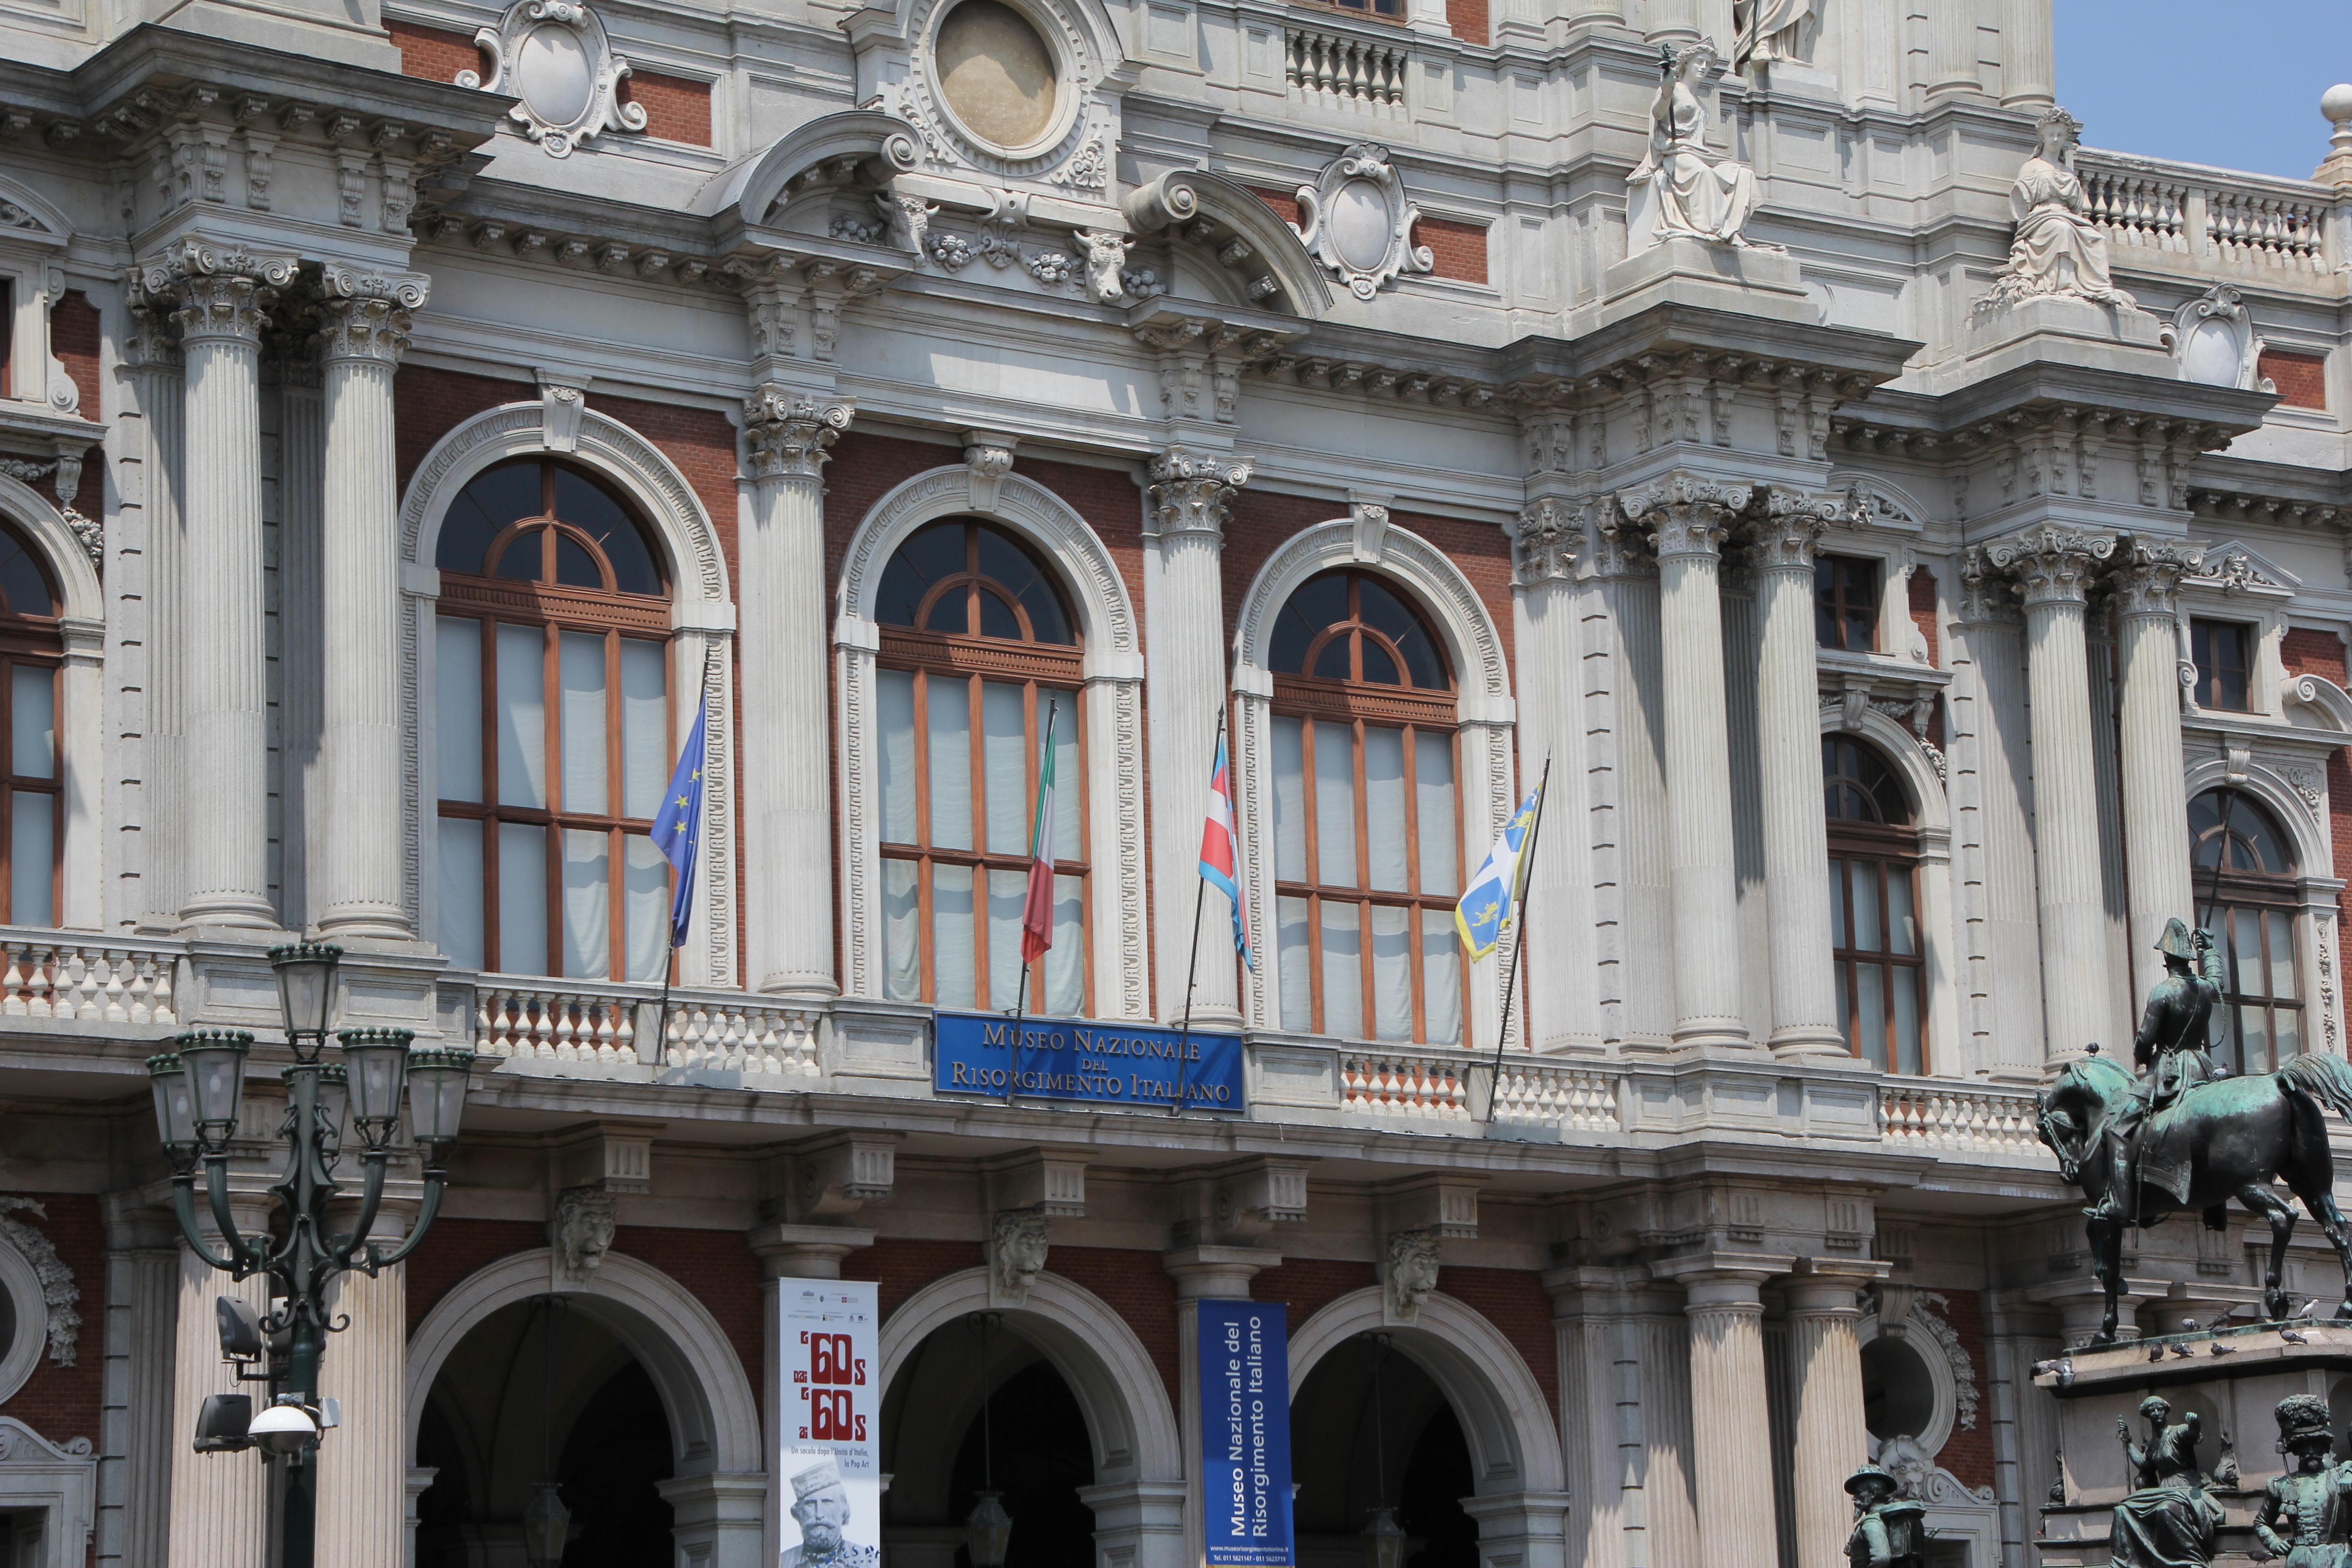 Museo Nazionale Del Risorgimento Italiano.File Torino Museo Del Risorgimento Italiano 04 Jpg Wikimedia